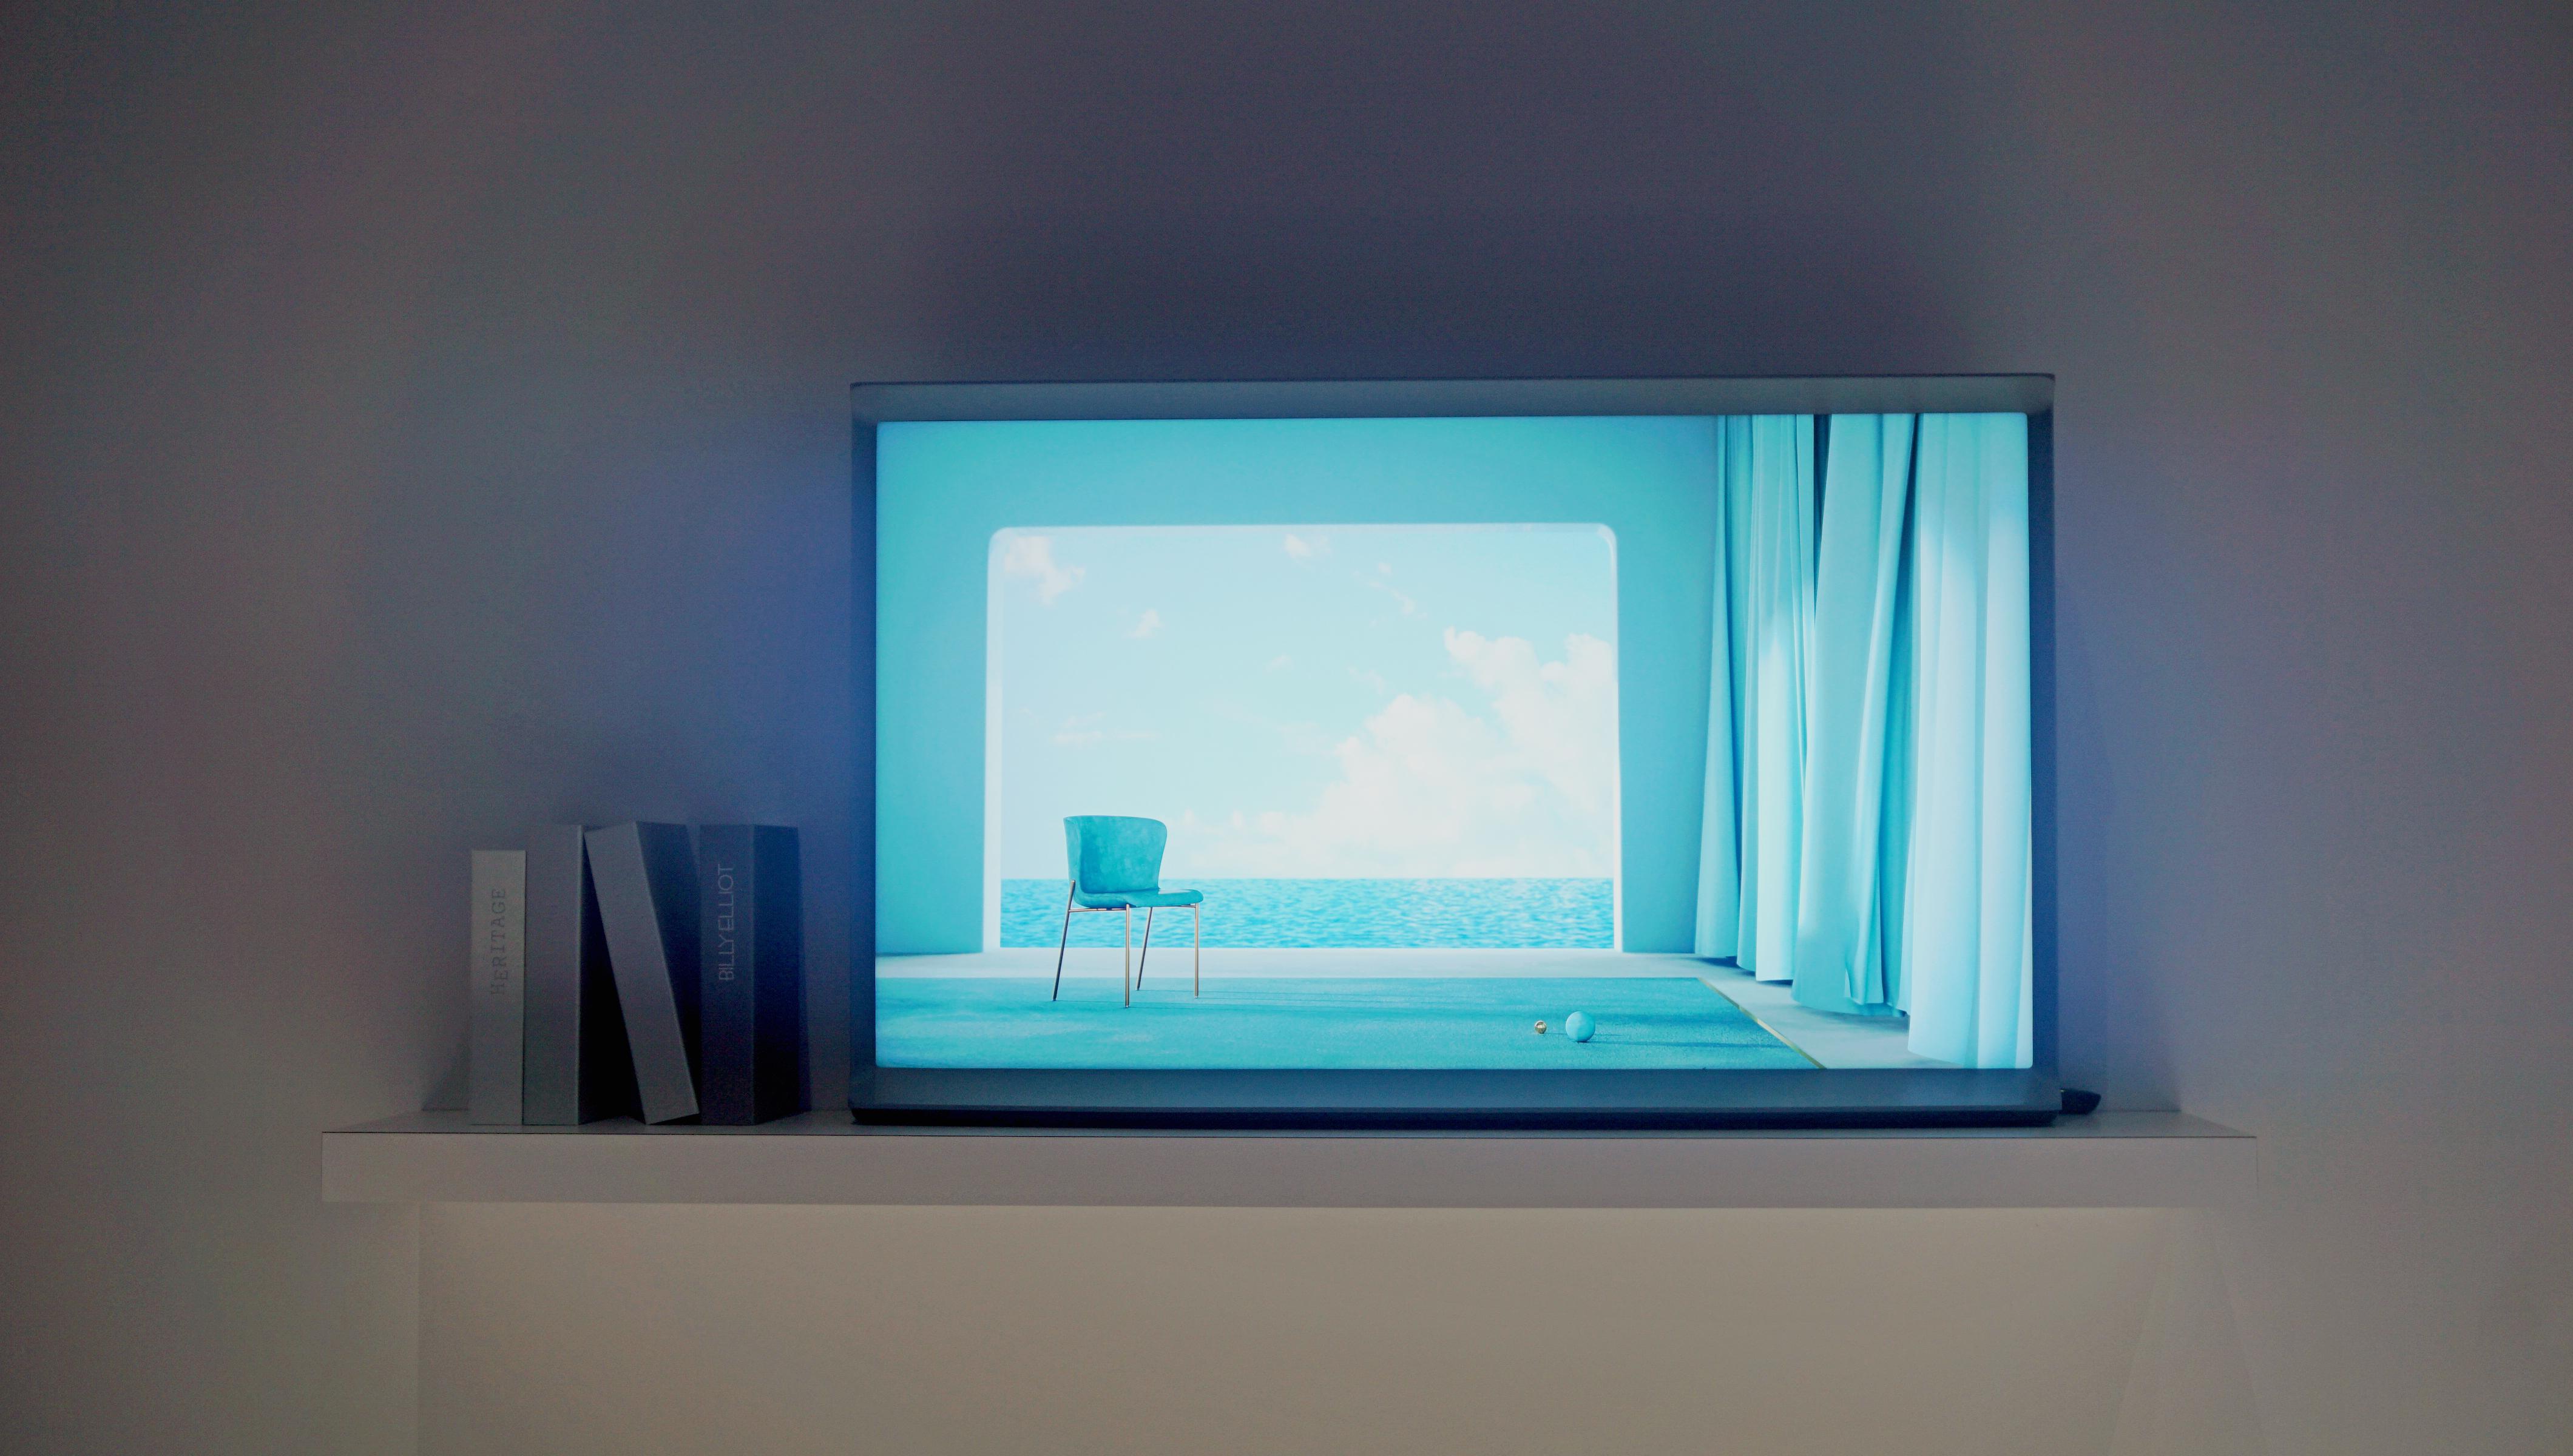 Samsung TV 2020: každý nový QLED a LED televízor Samsung prichádza tento rok 4